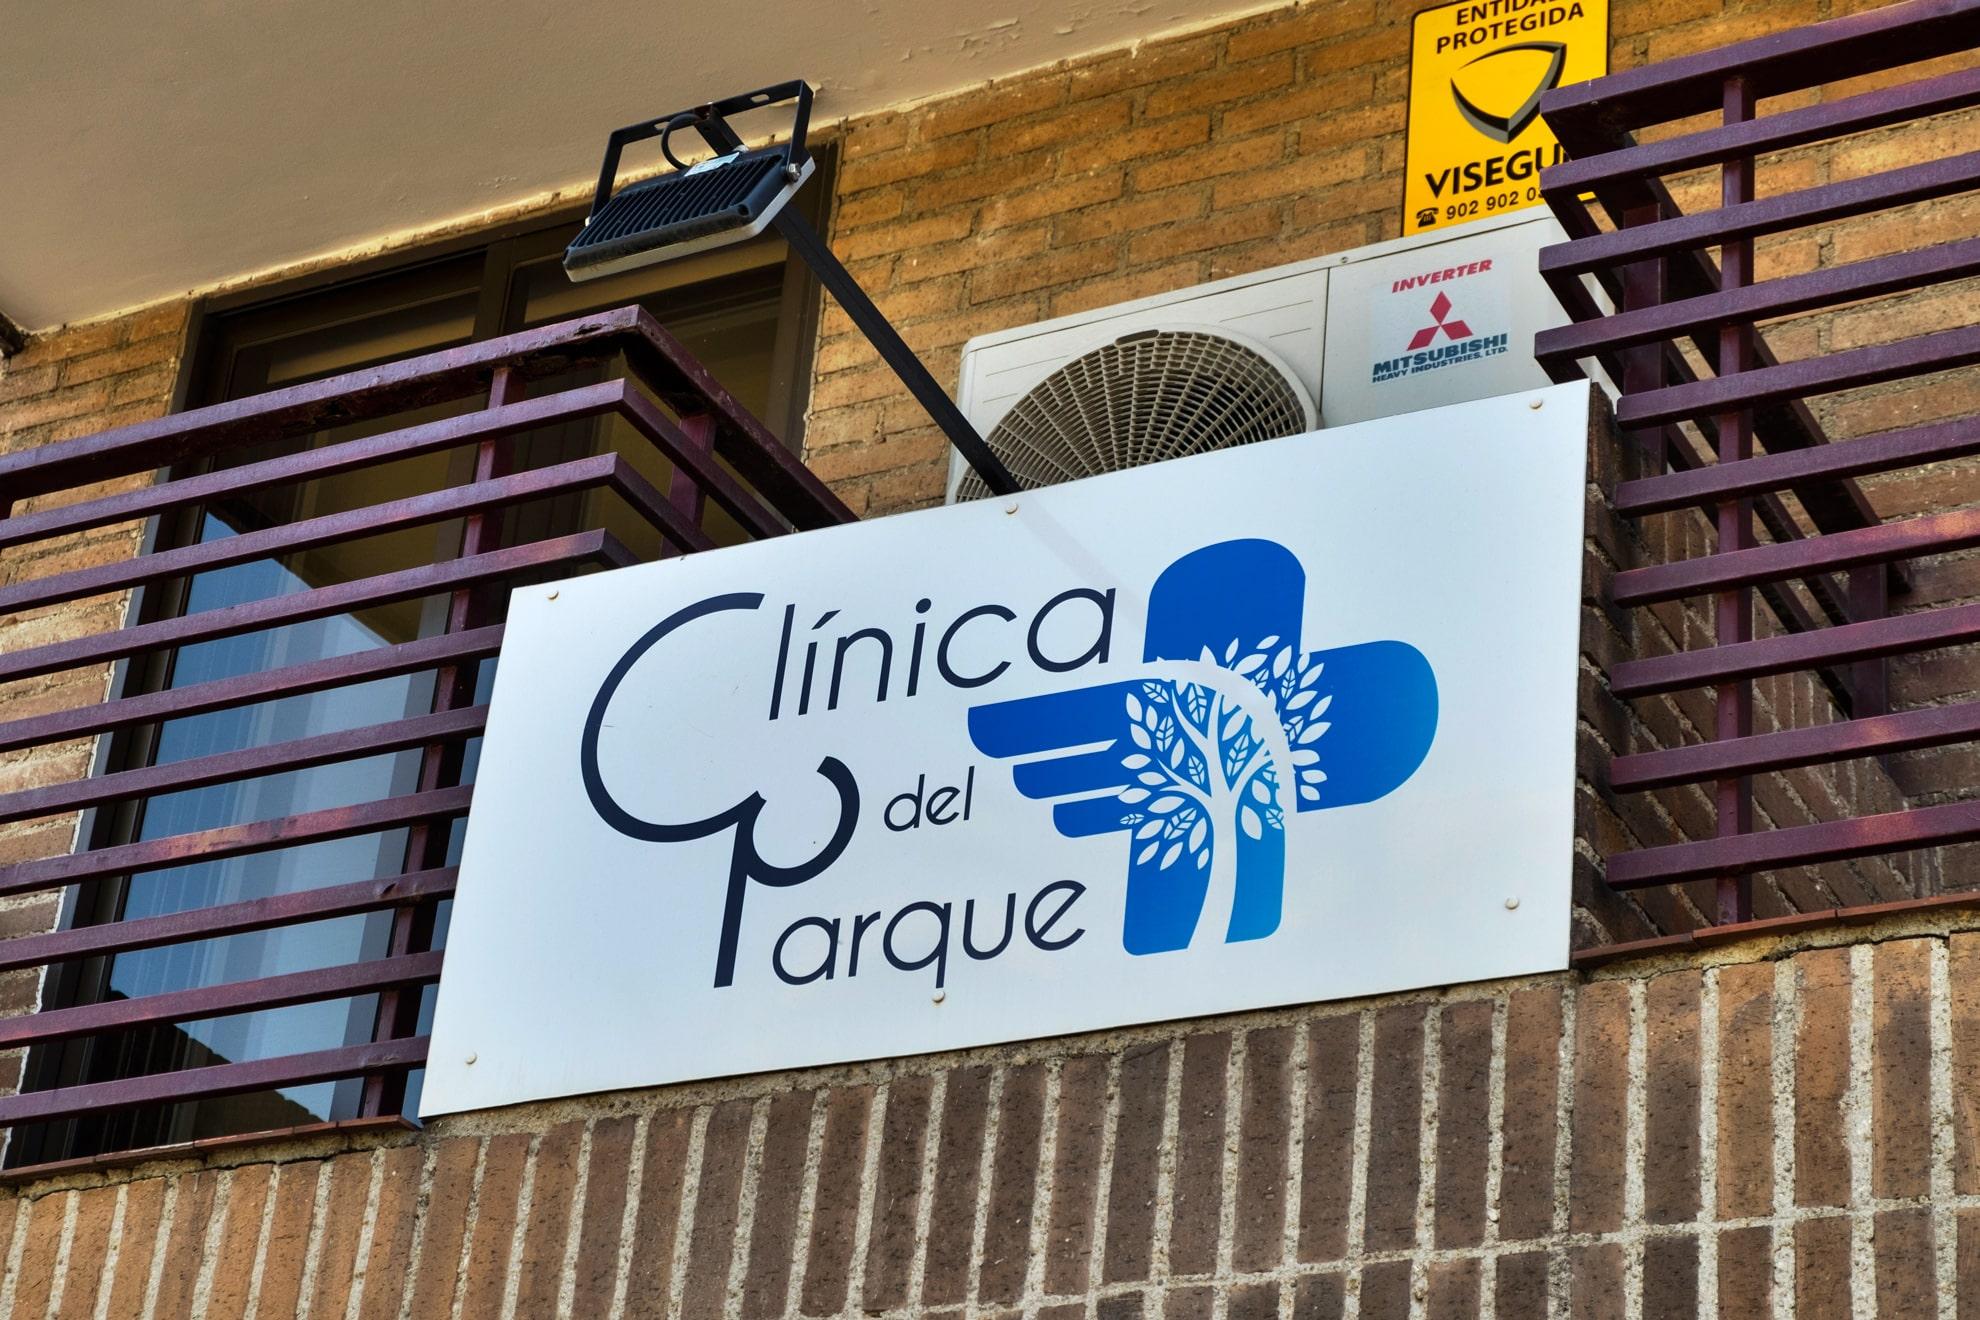 Clínica del Parque - Salud y Bienestar